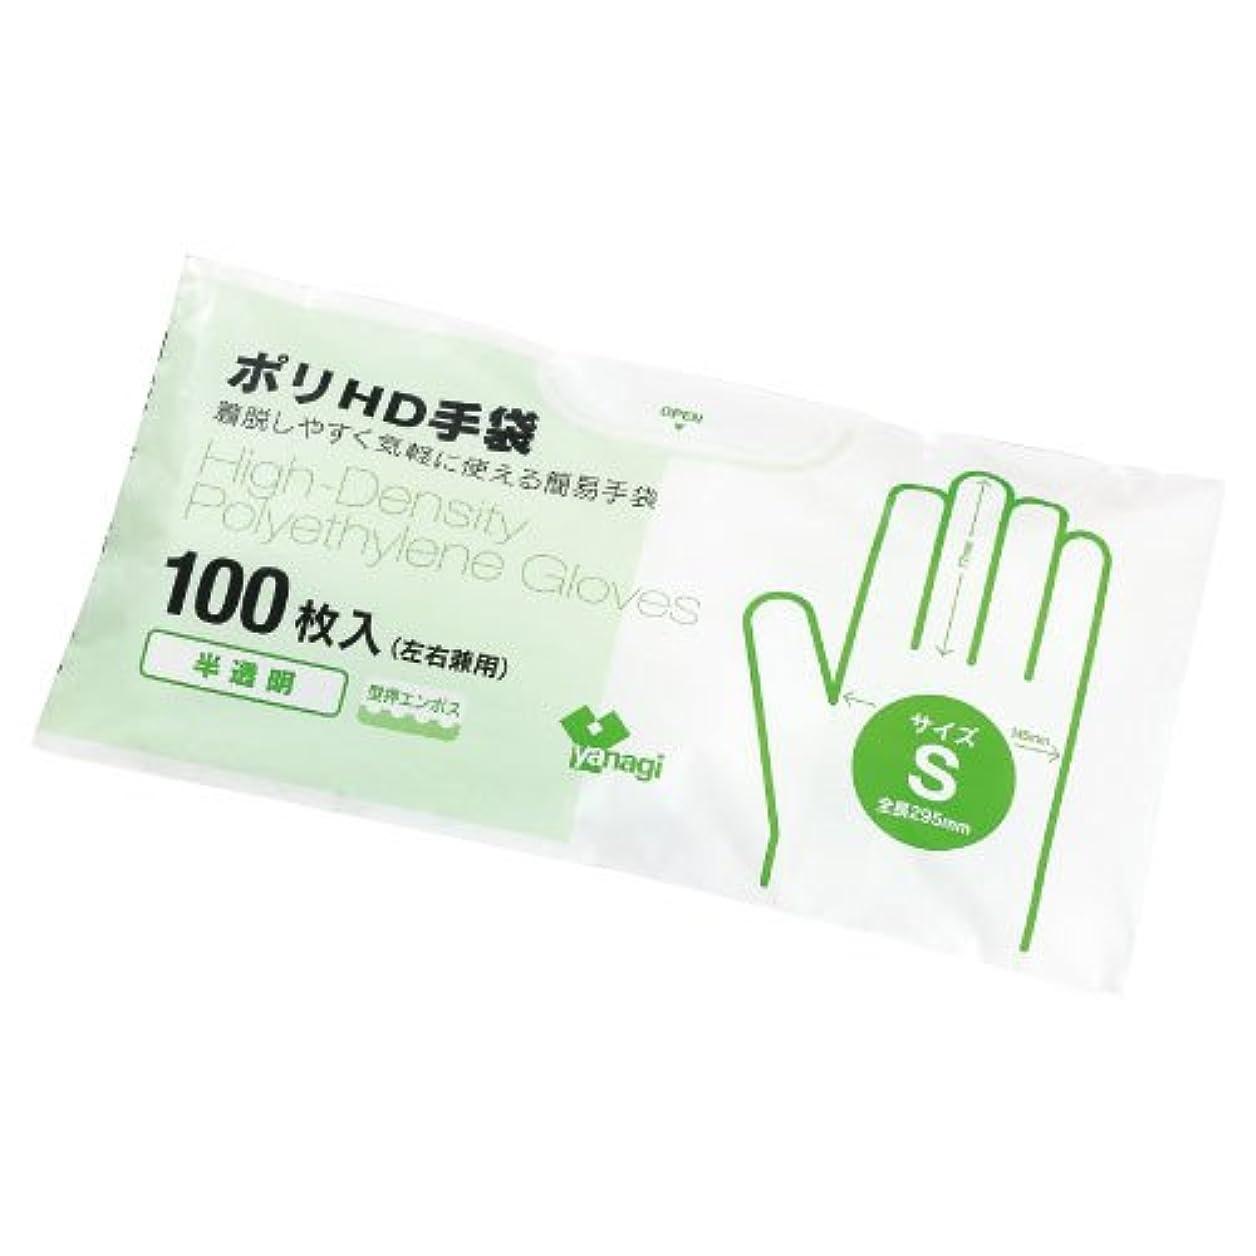 ポリHD手袋(半透明)型押エンボス TB-203(M)100???? ???HD???????????????(24-2575-01)【やなぎプロダクツ】[120袋単位]